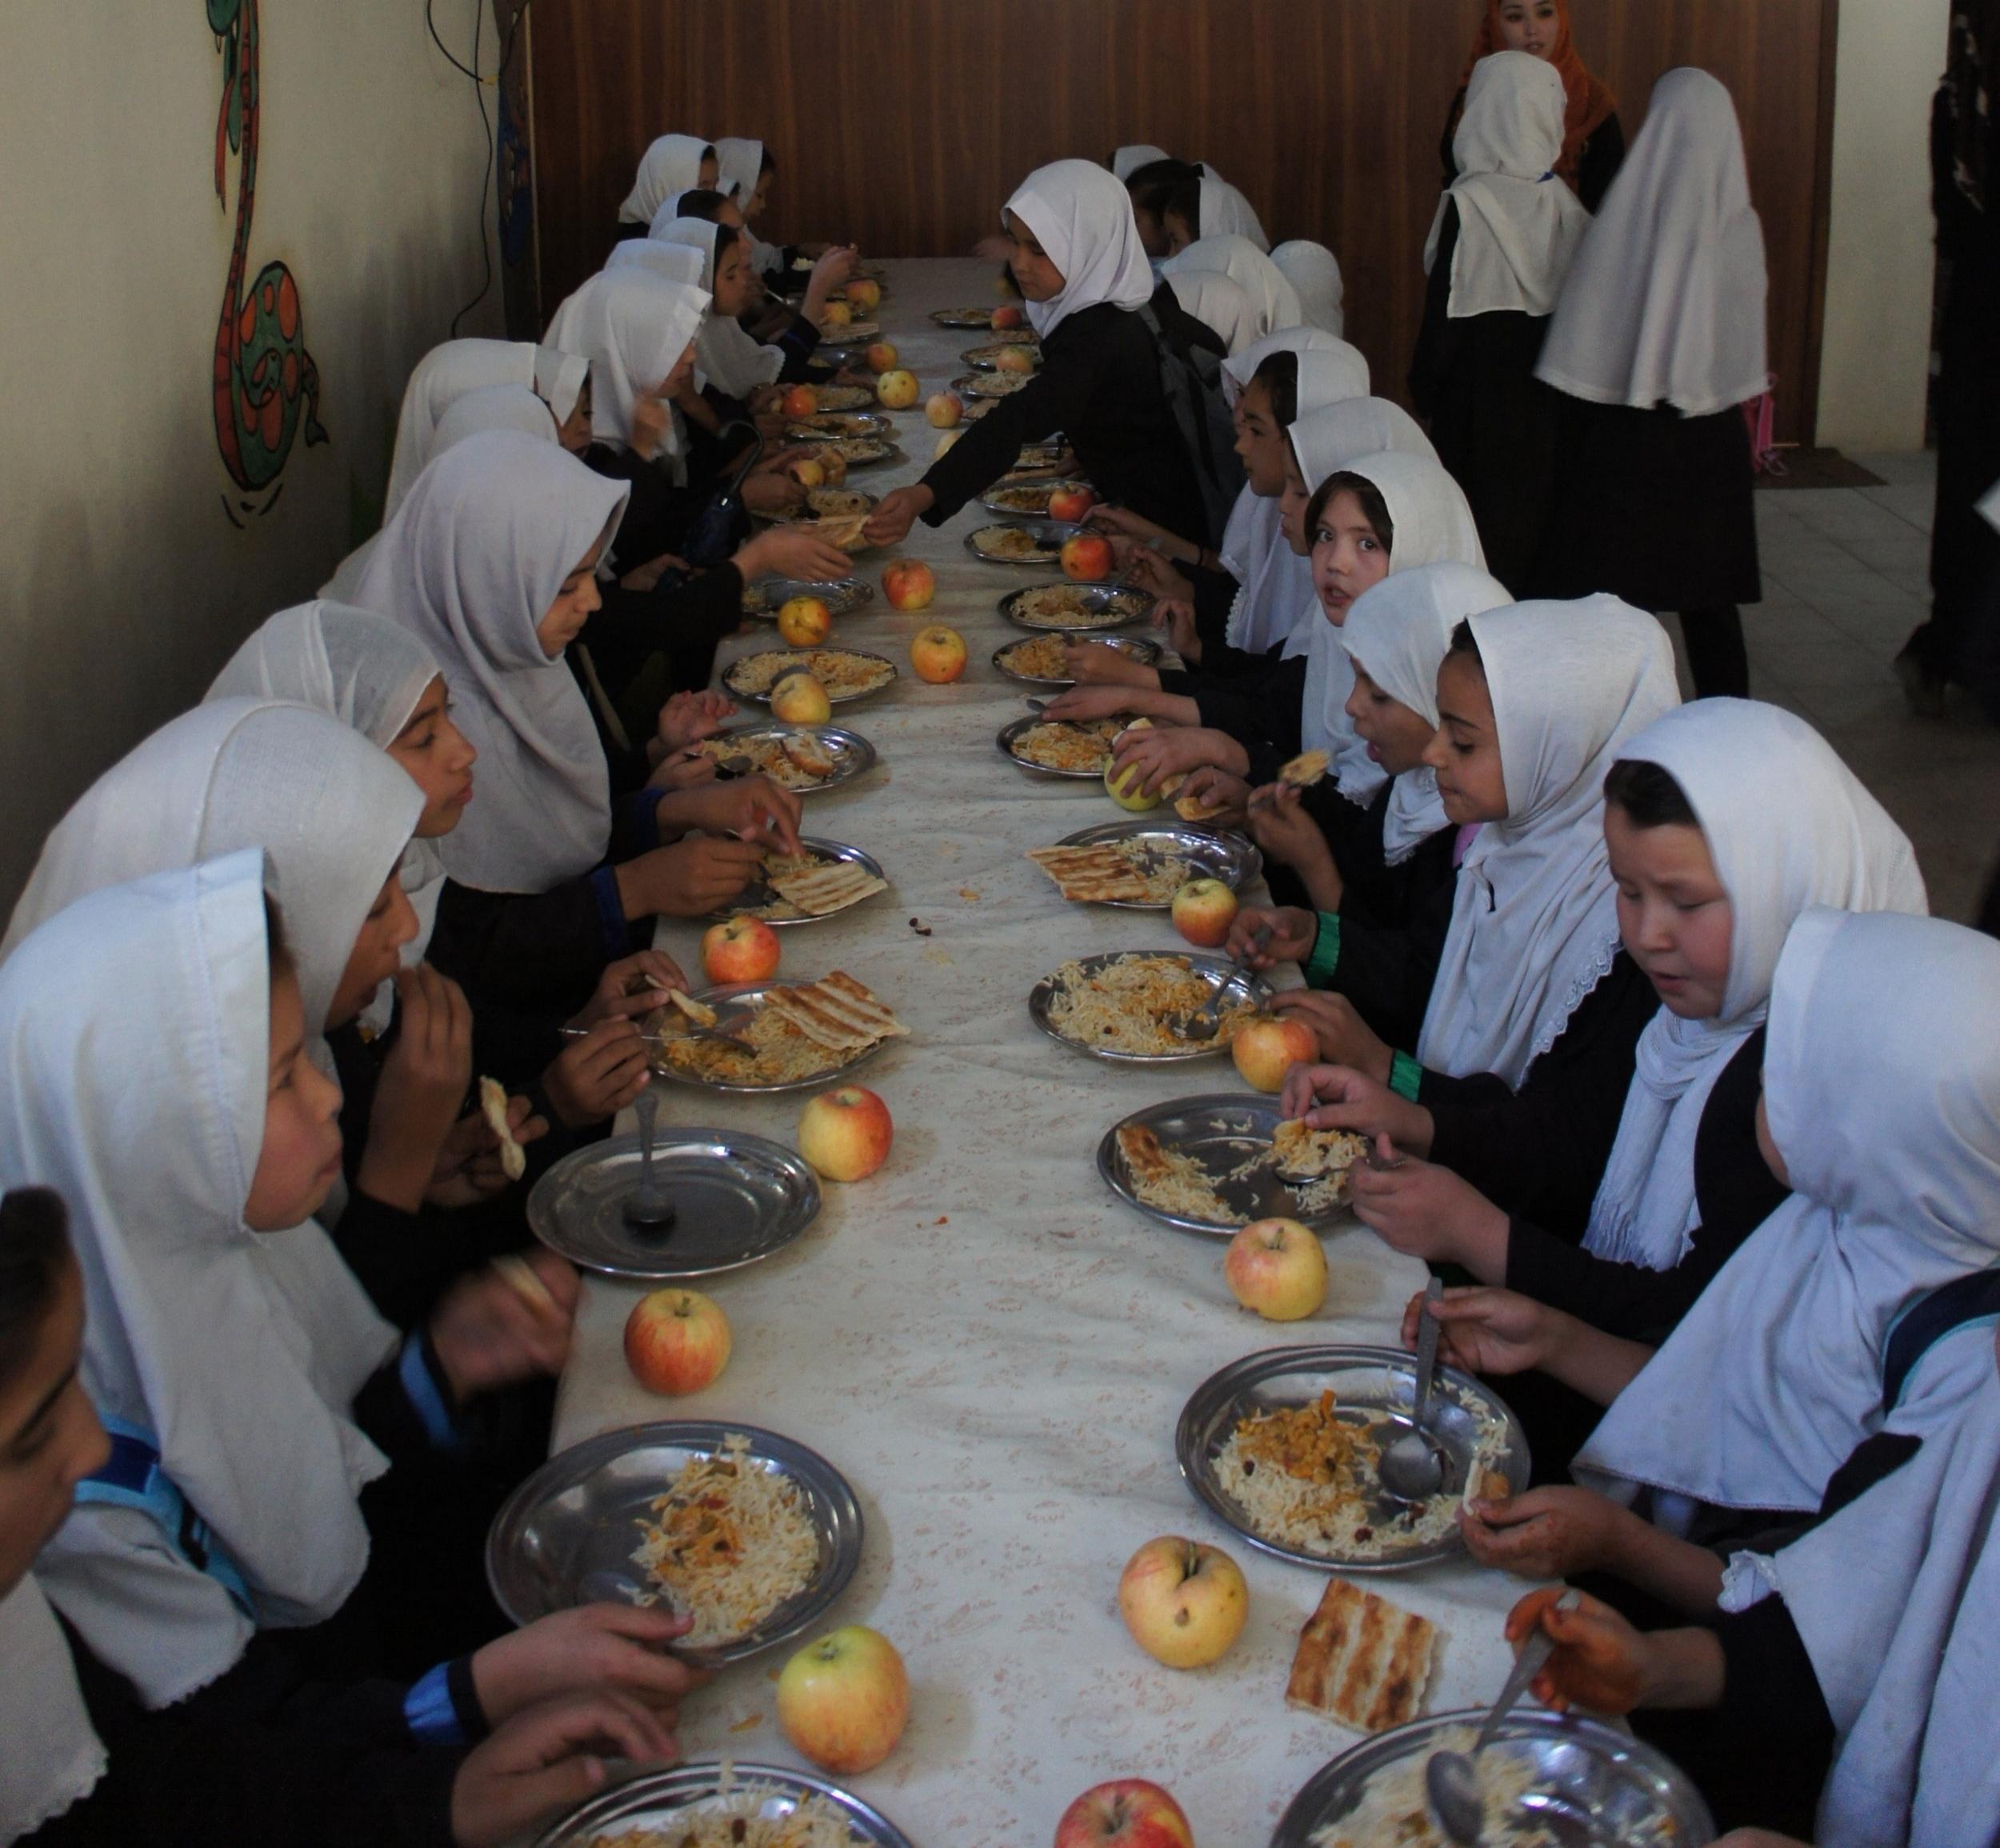 Abul-Fazel - #3007 | MaleAge When Starting School: 8